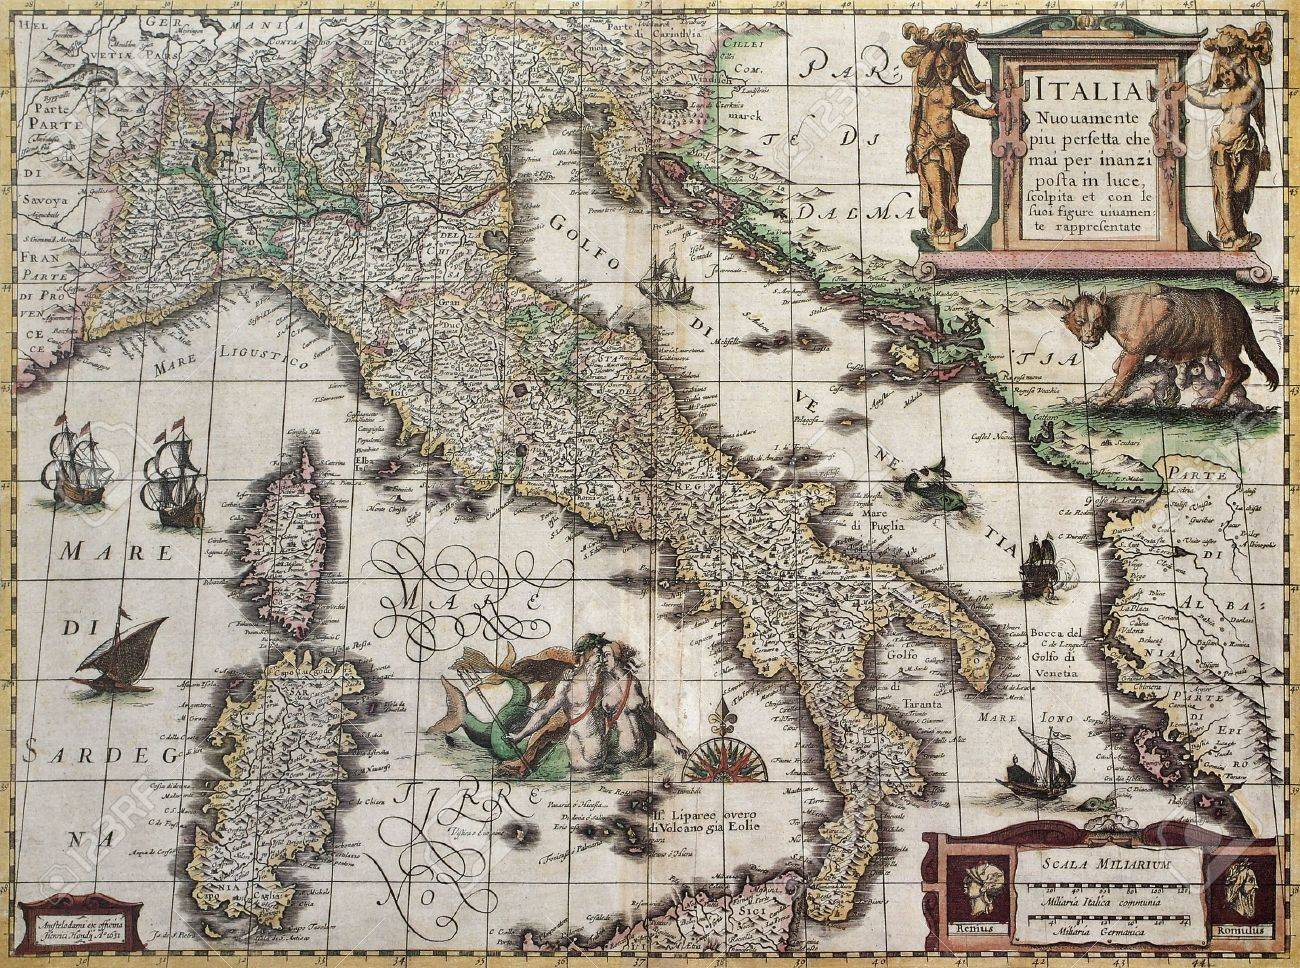 Carte Italie Ancienne.Carte De L Italie Ancienne Henricus Hondius Cree Par Publie A Amsterdam 1631